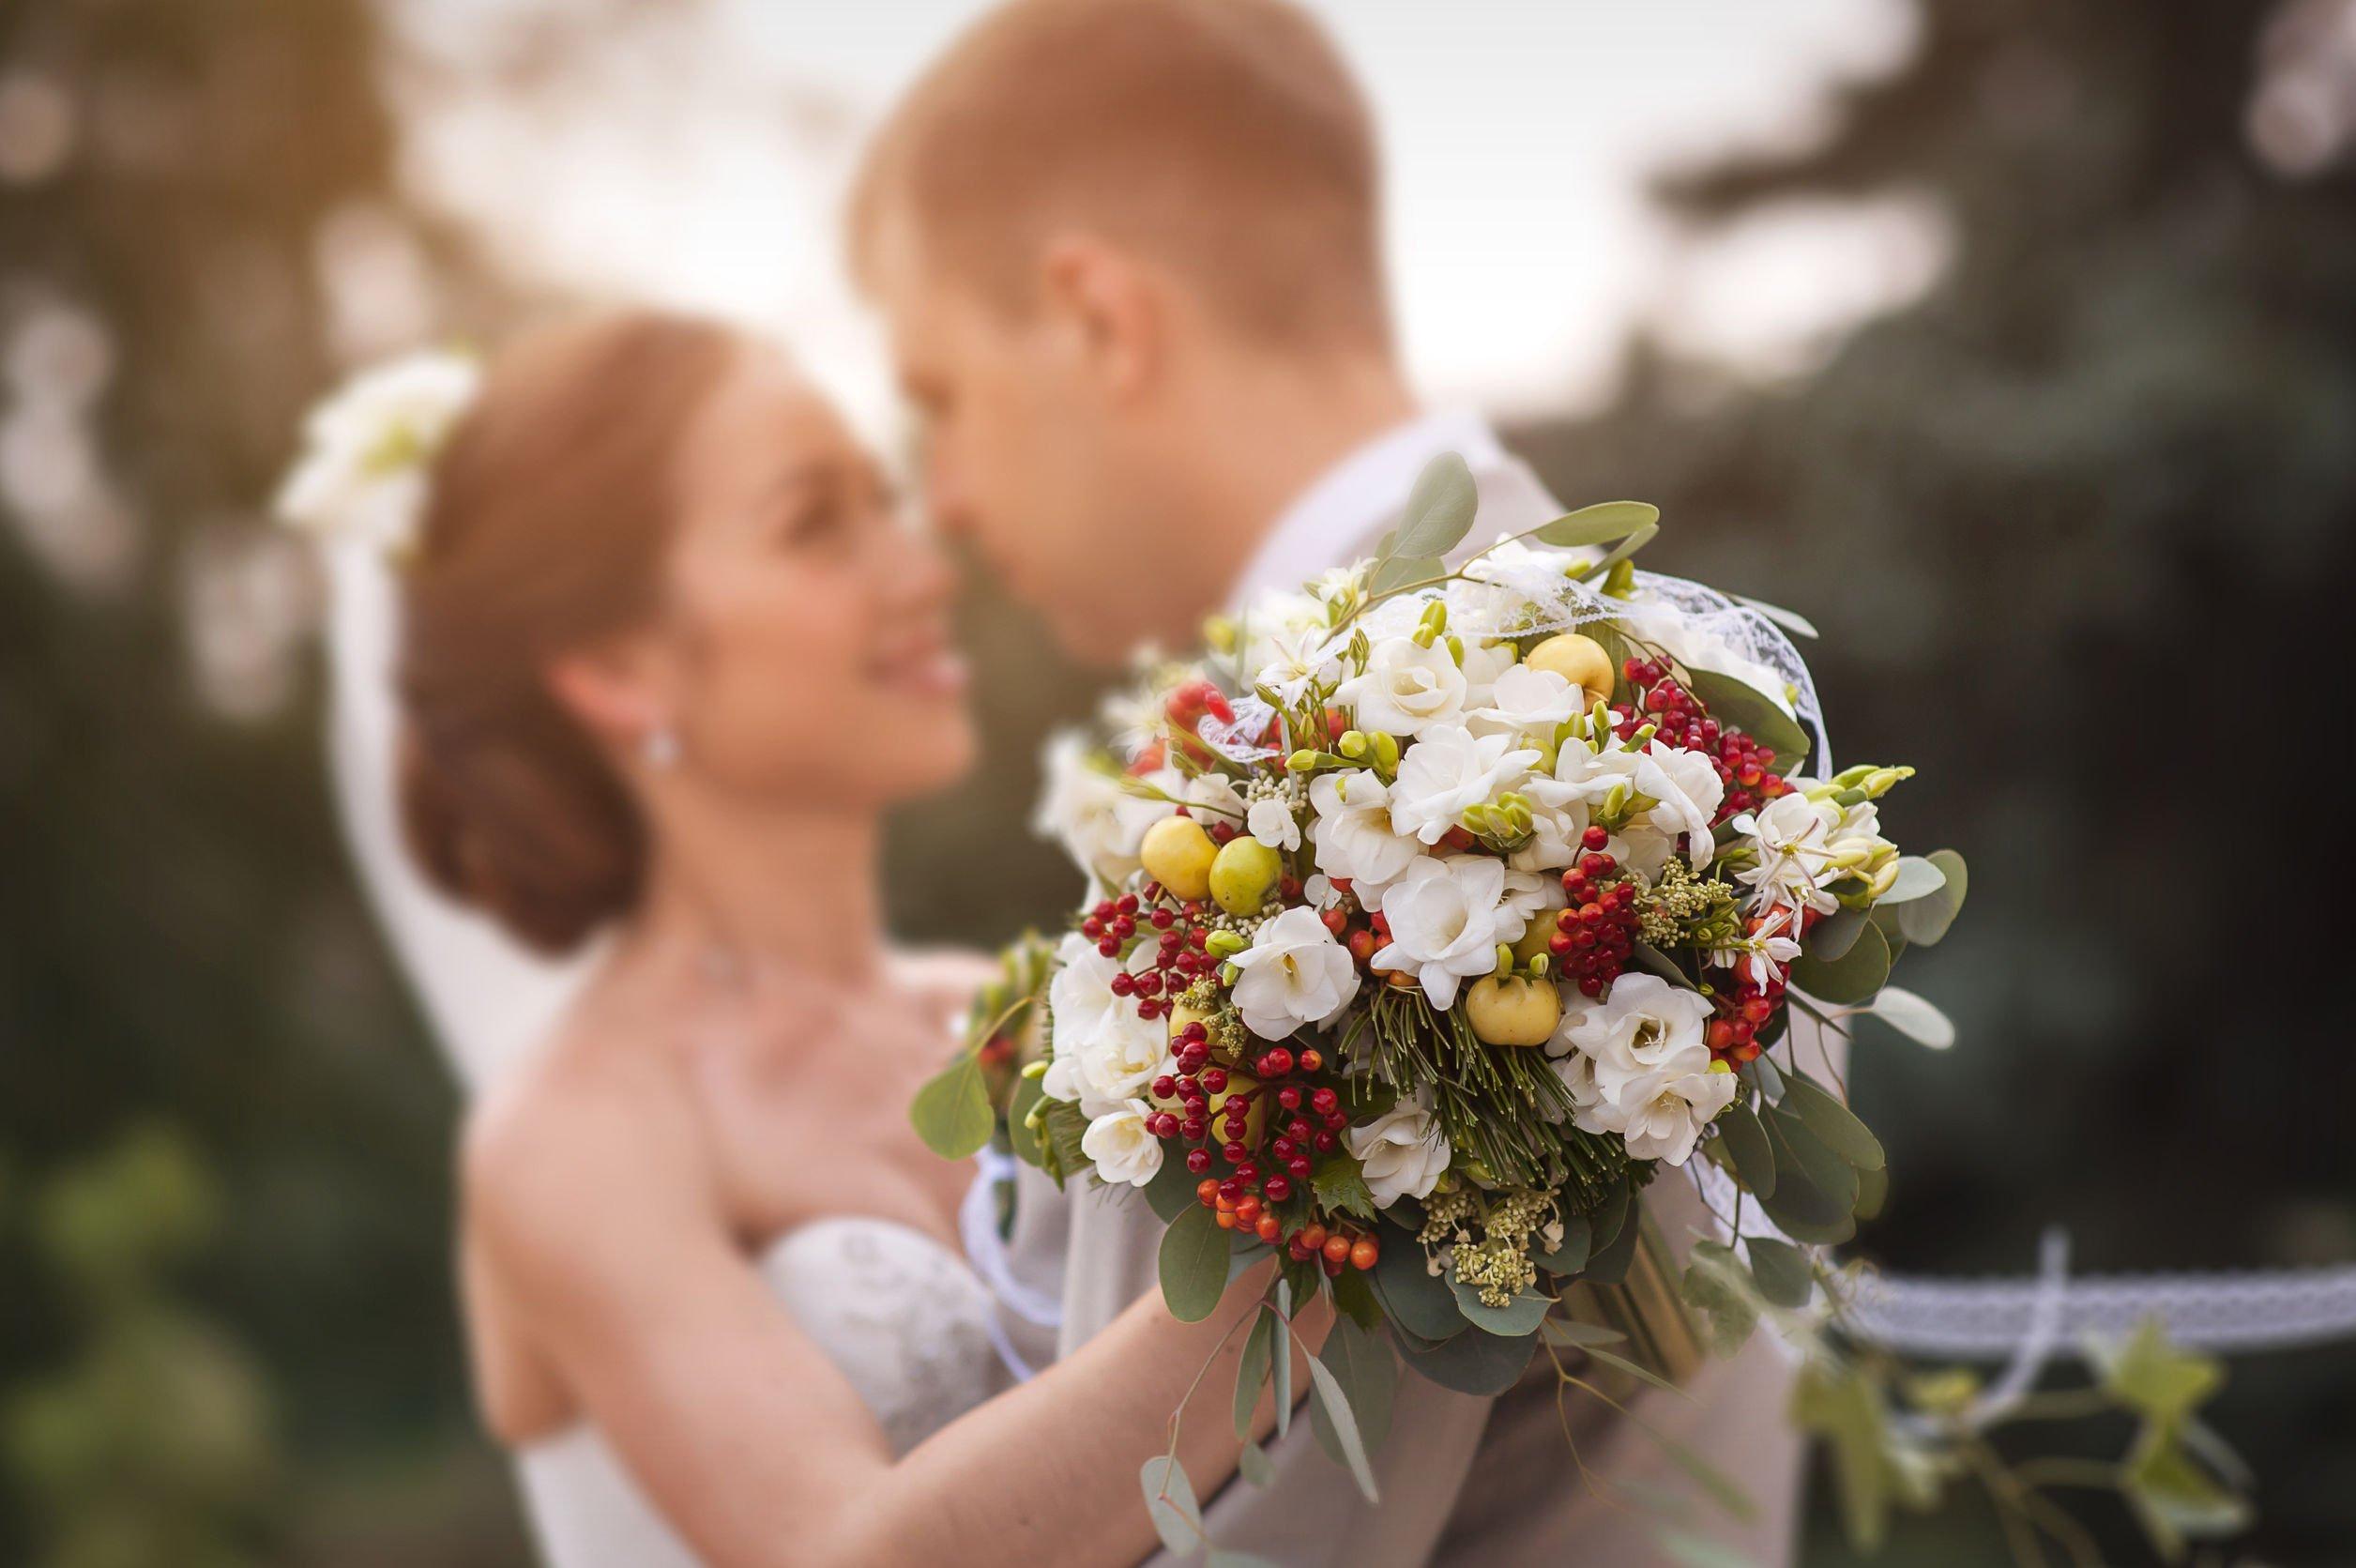 Frases De Casamento Momento De União Eterna